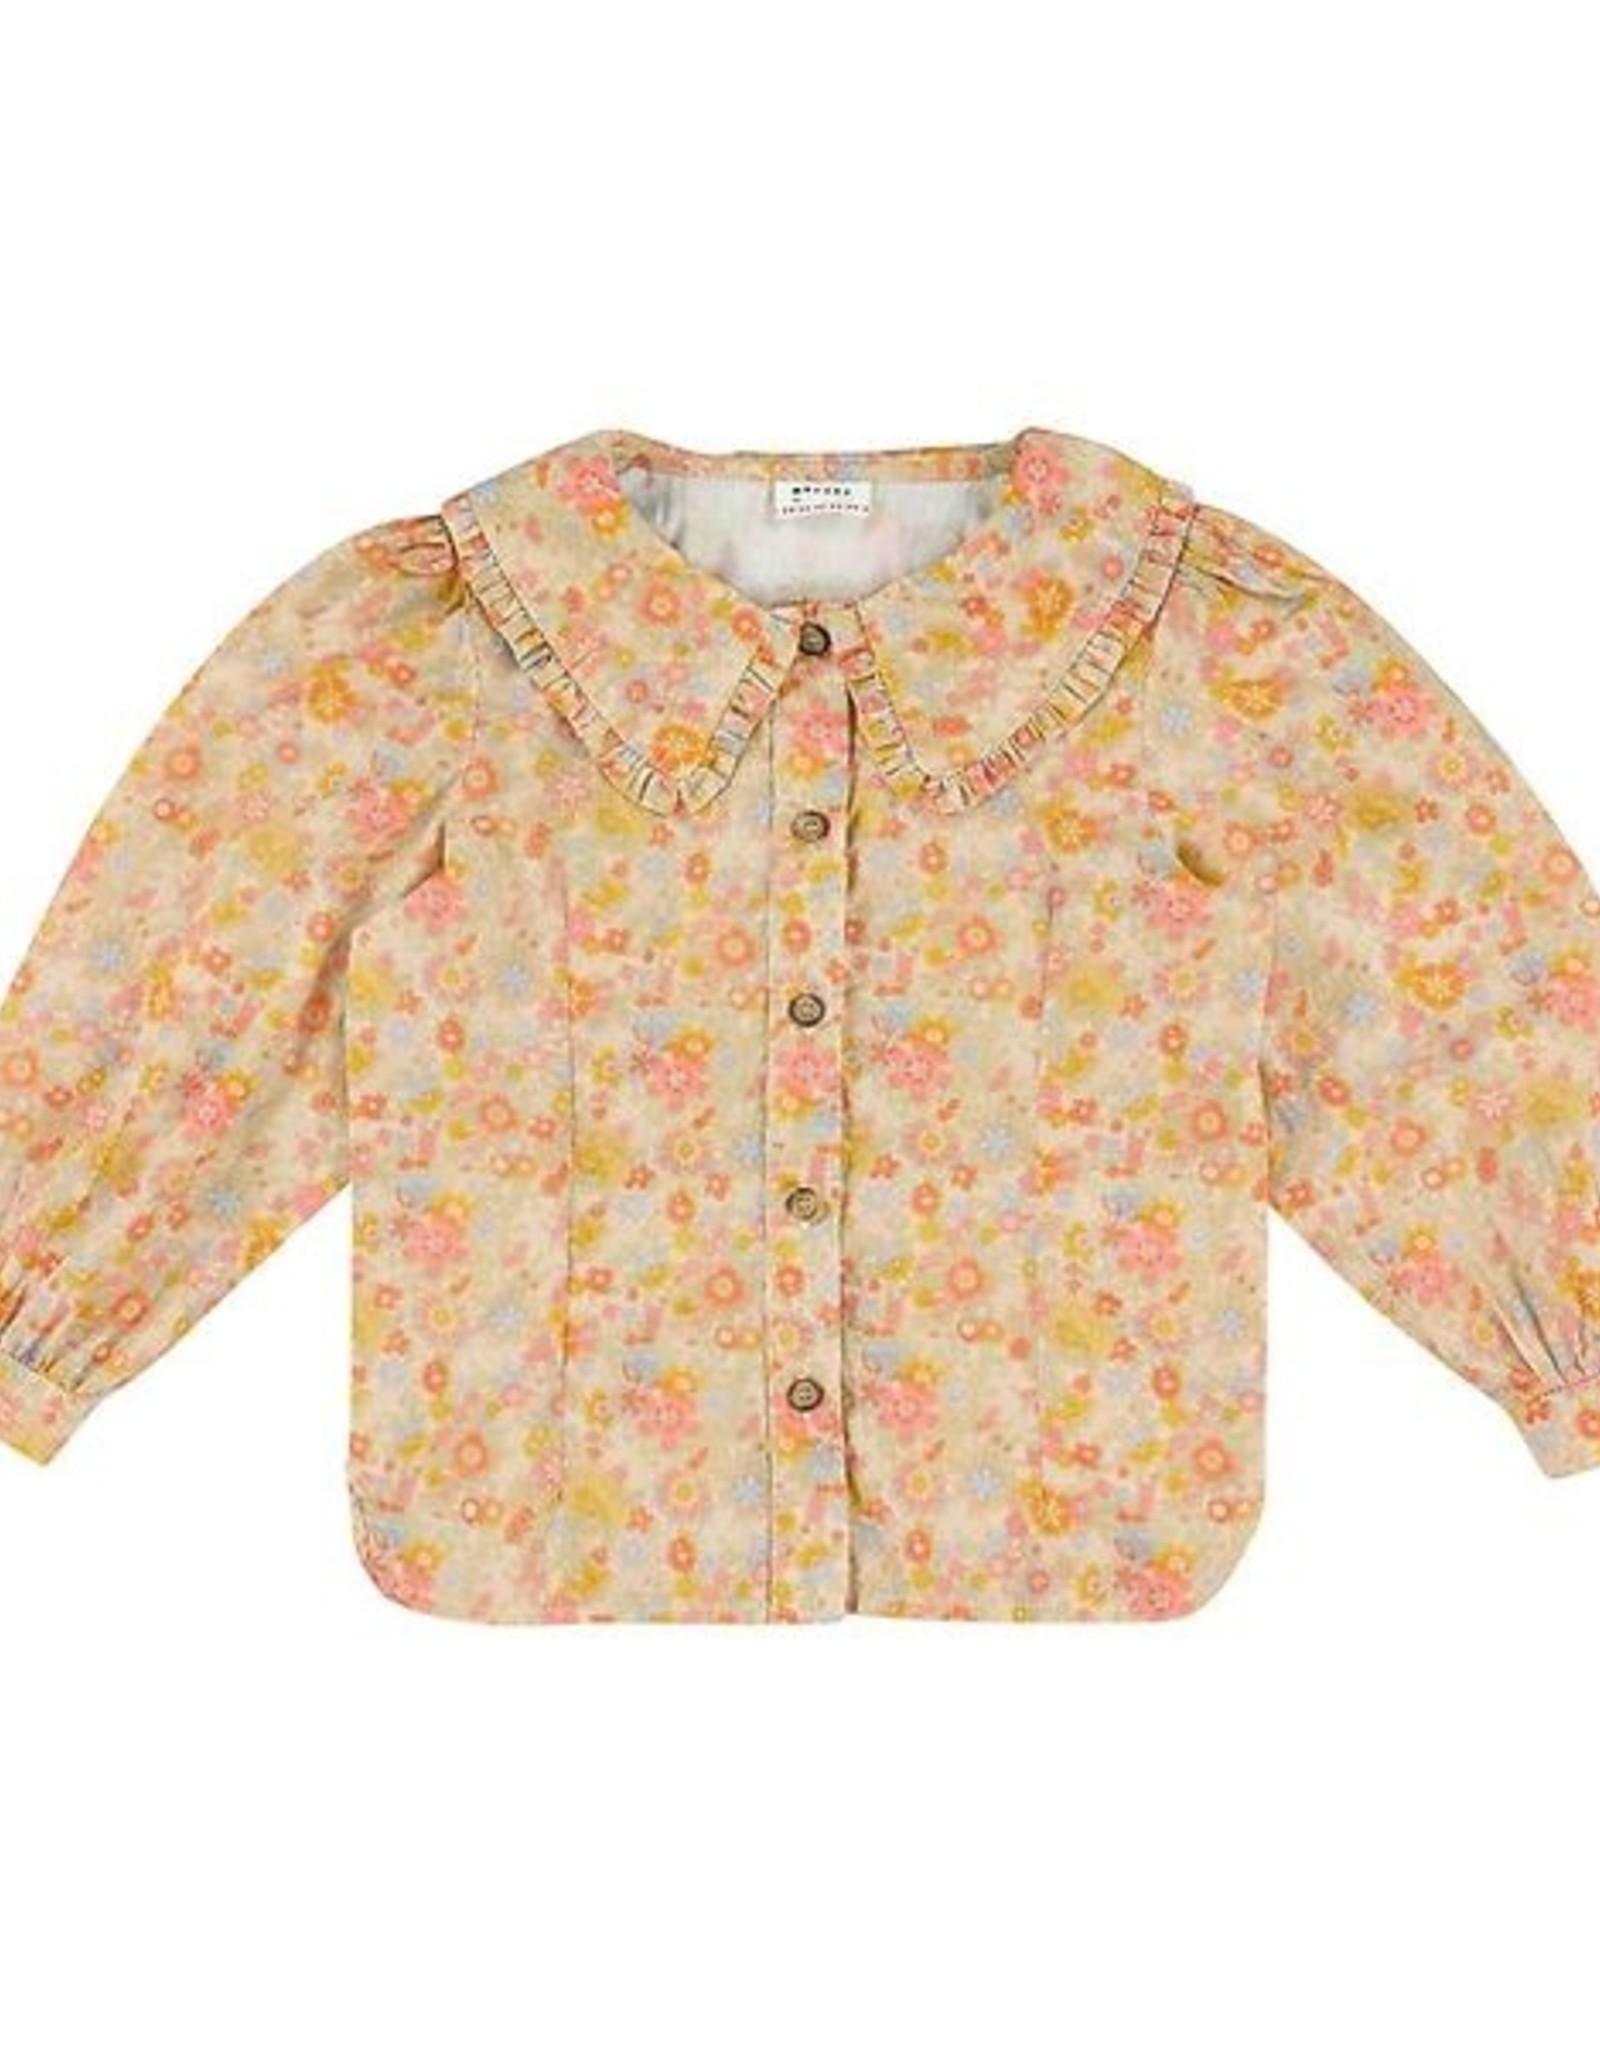 MORLEY MORLEY Narcis liberty rose shirt